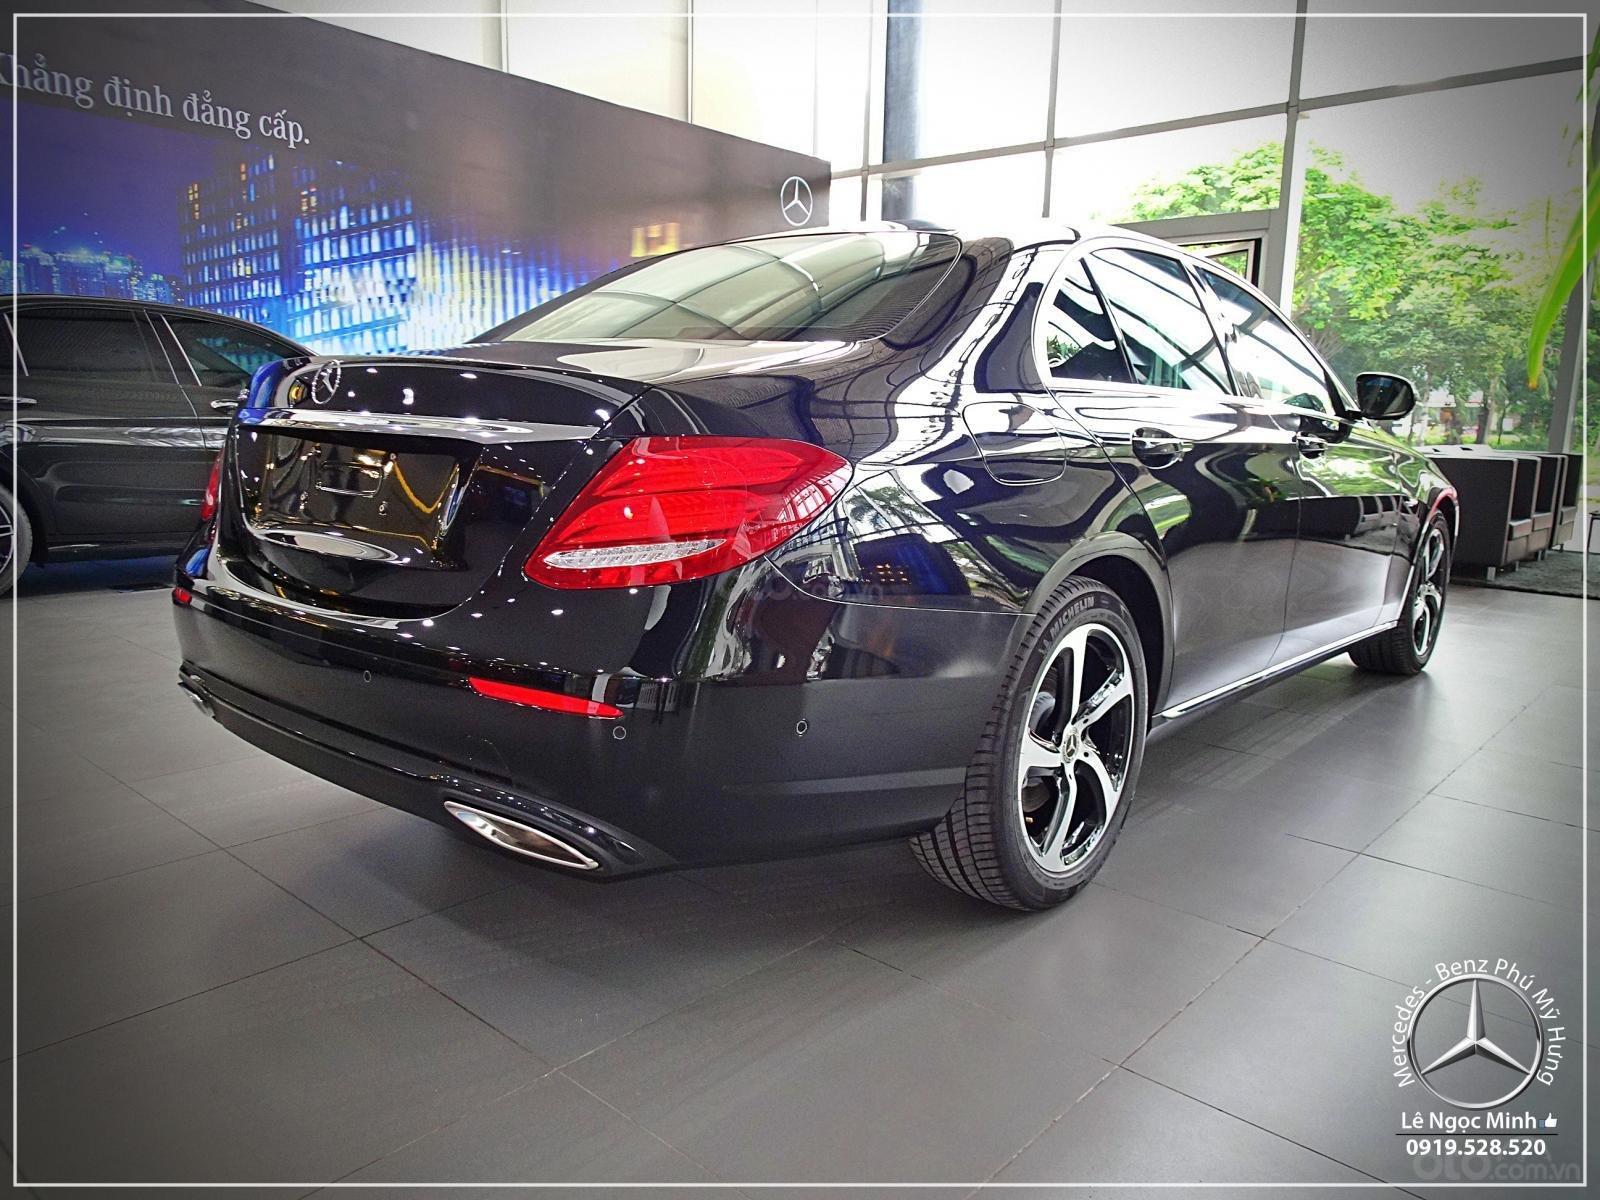 Bán xe Mercedes - Benz E200 Sport New 2020 - Hỗ trợ Bank 80%, xe giao ngay, ưu đãi tốt, LH 0919 528 520 (11)